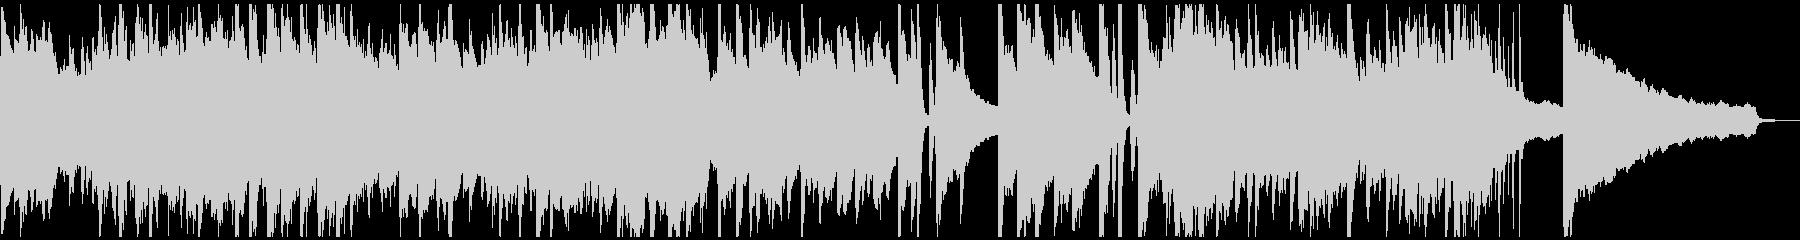 ピアノのおしゃれなウェディングソングの未再生の波形